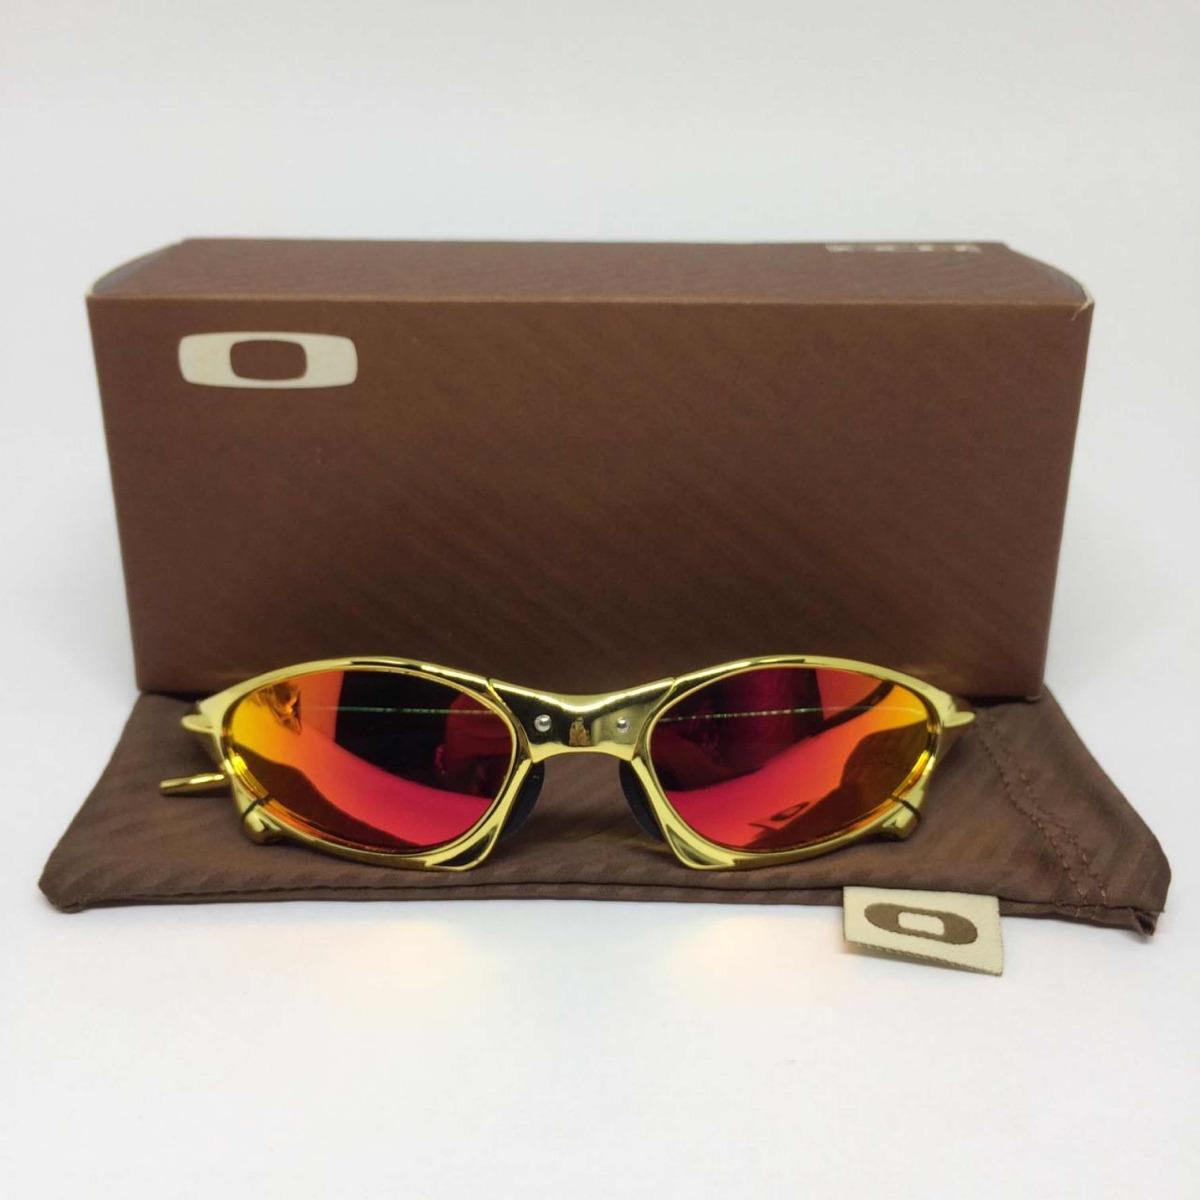 89fb356c6 Oculos Oakley Juliet Penny Gold Lente Vermelha Polarizada - R$ 185 ...